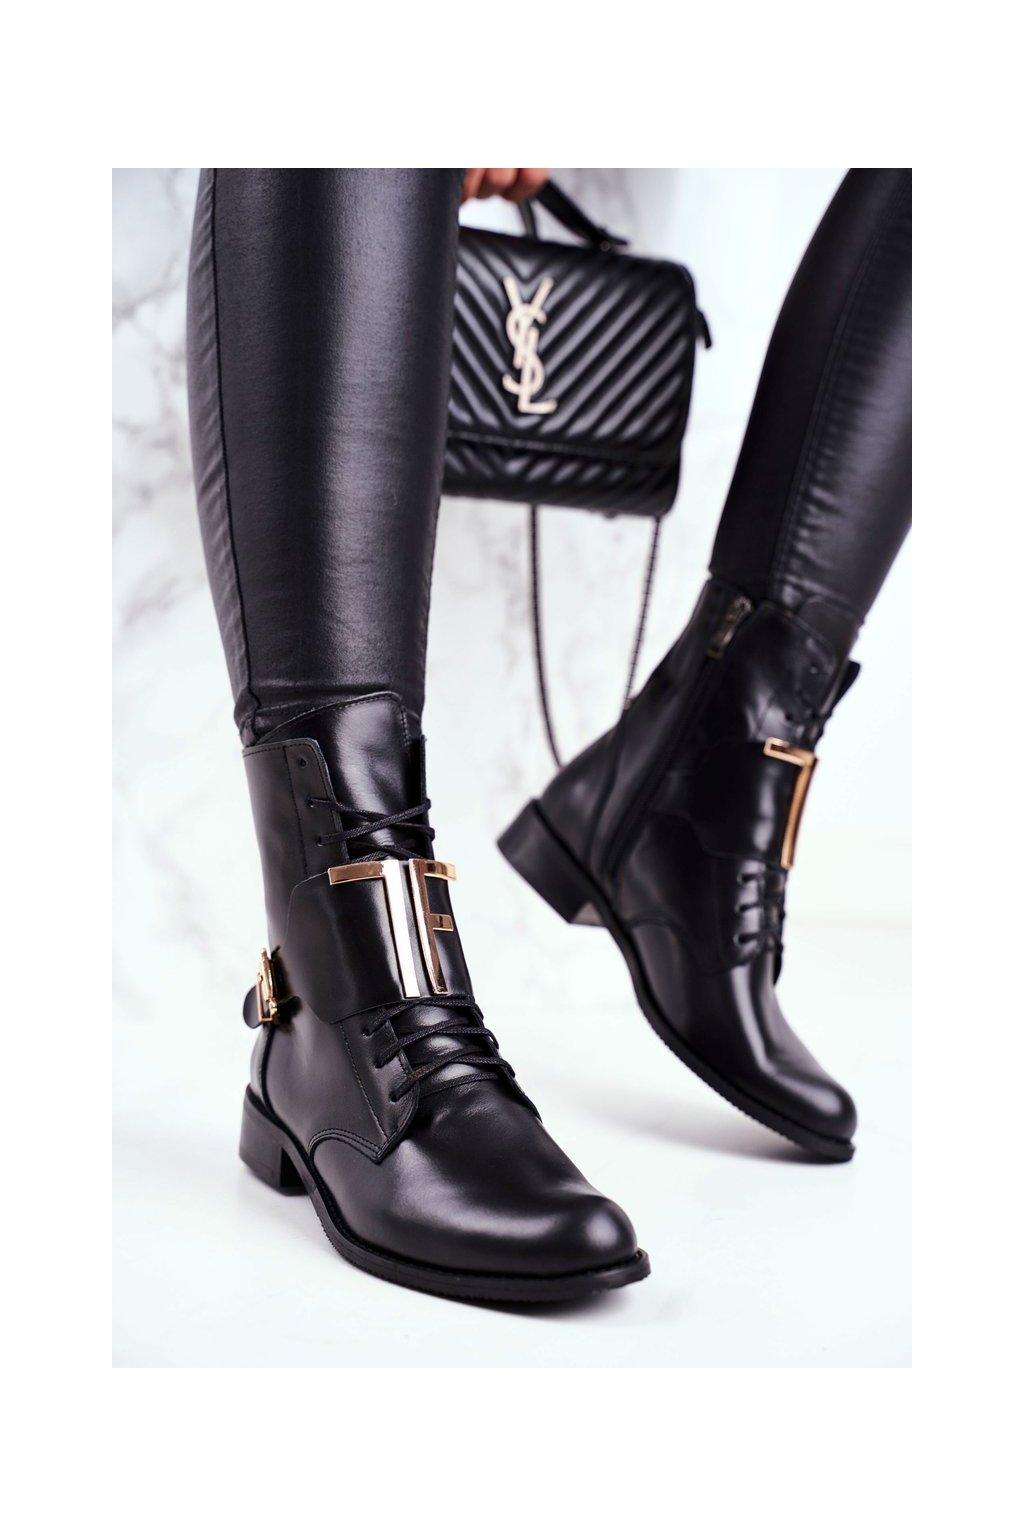 Členkové topánky na podpätku farba čierna kód obuvi 2591 001 BLK